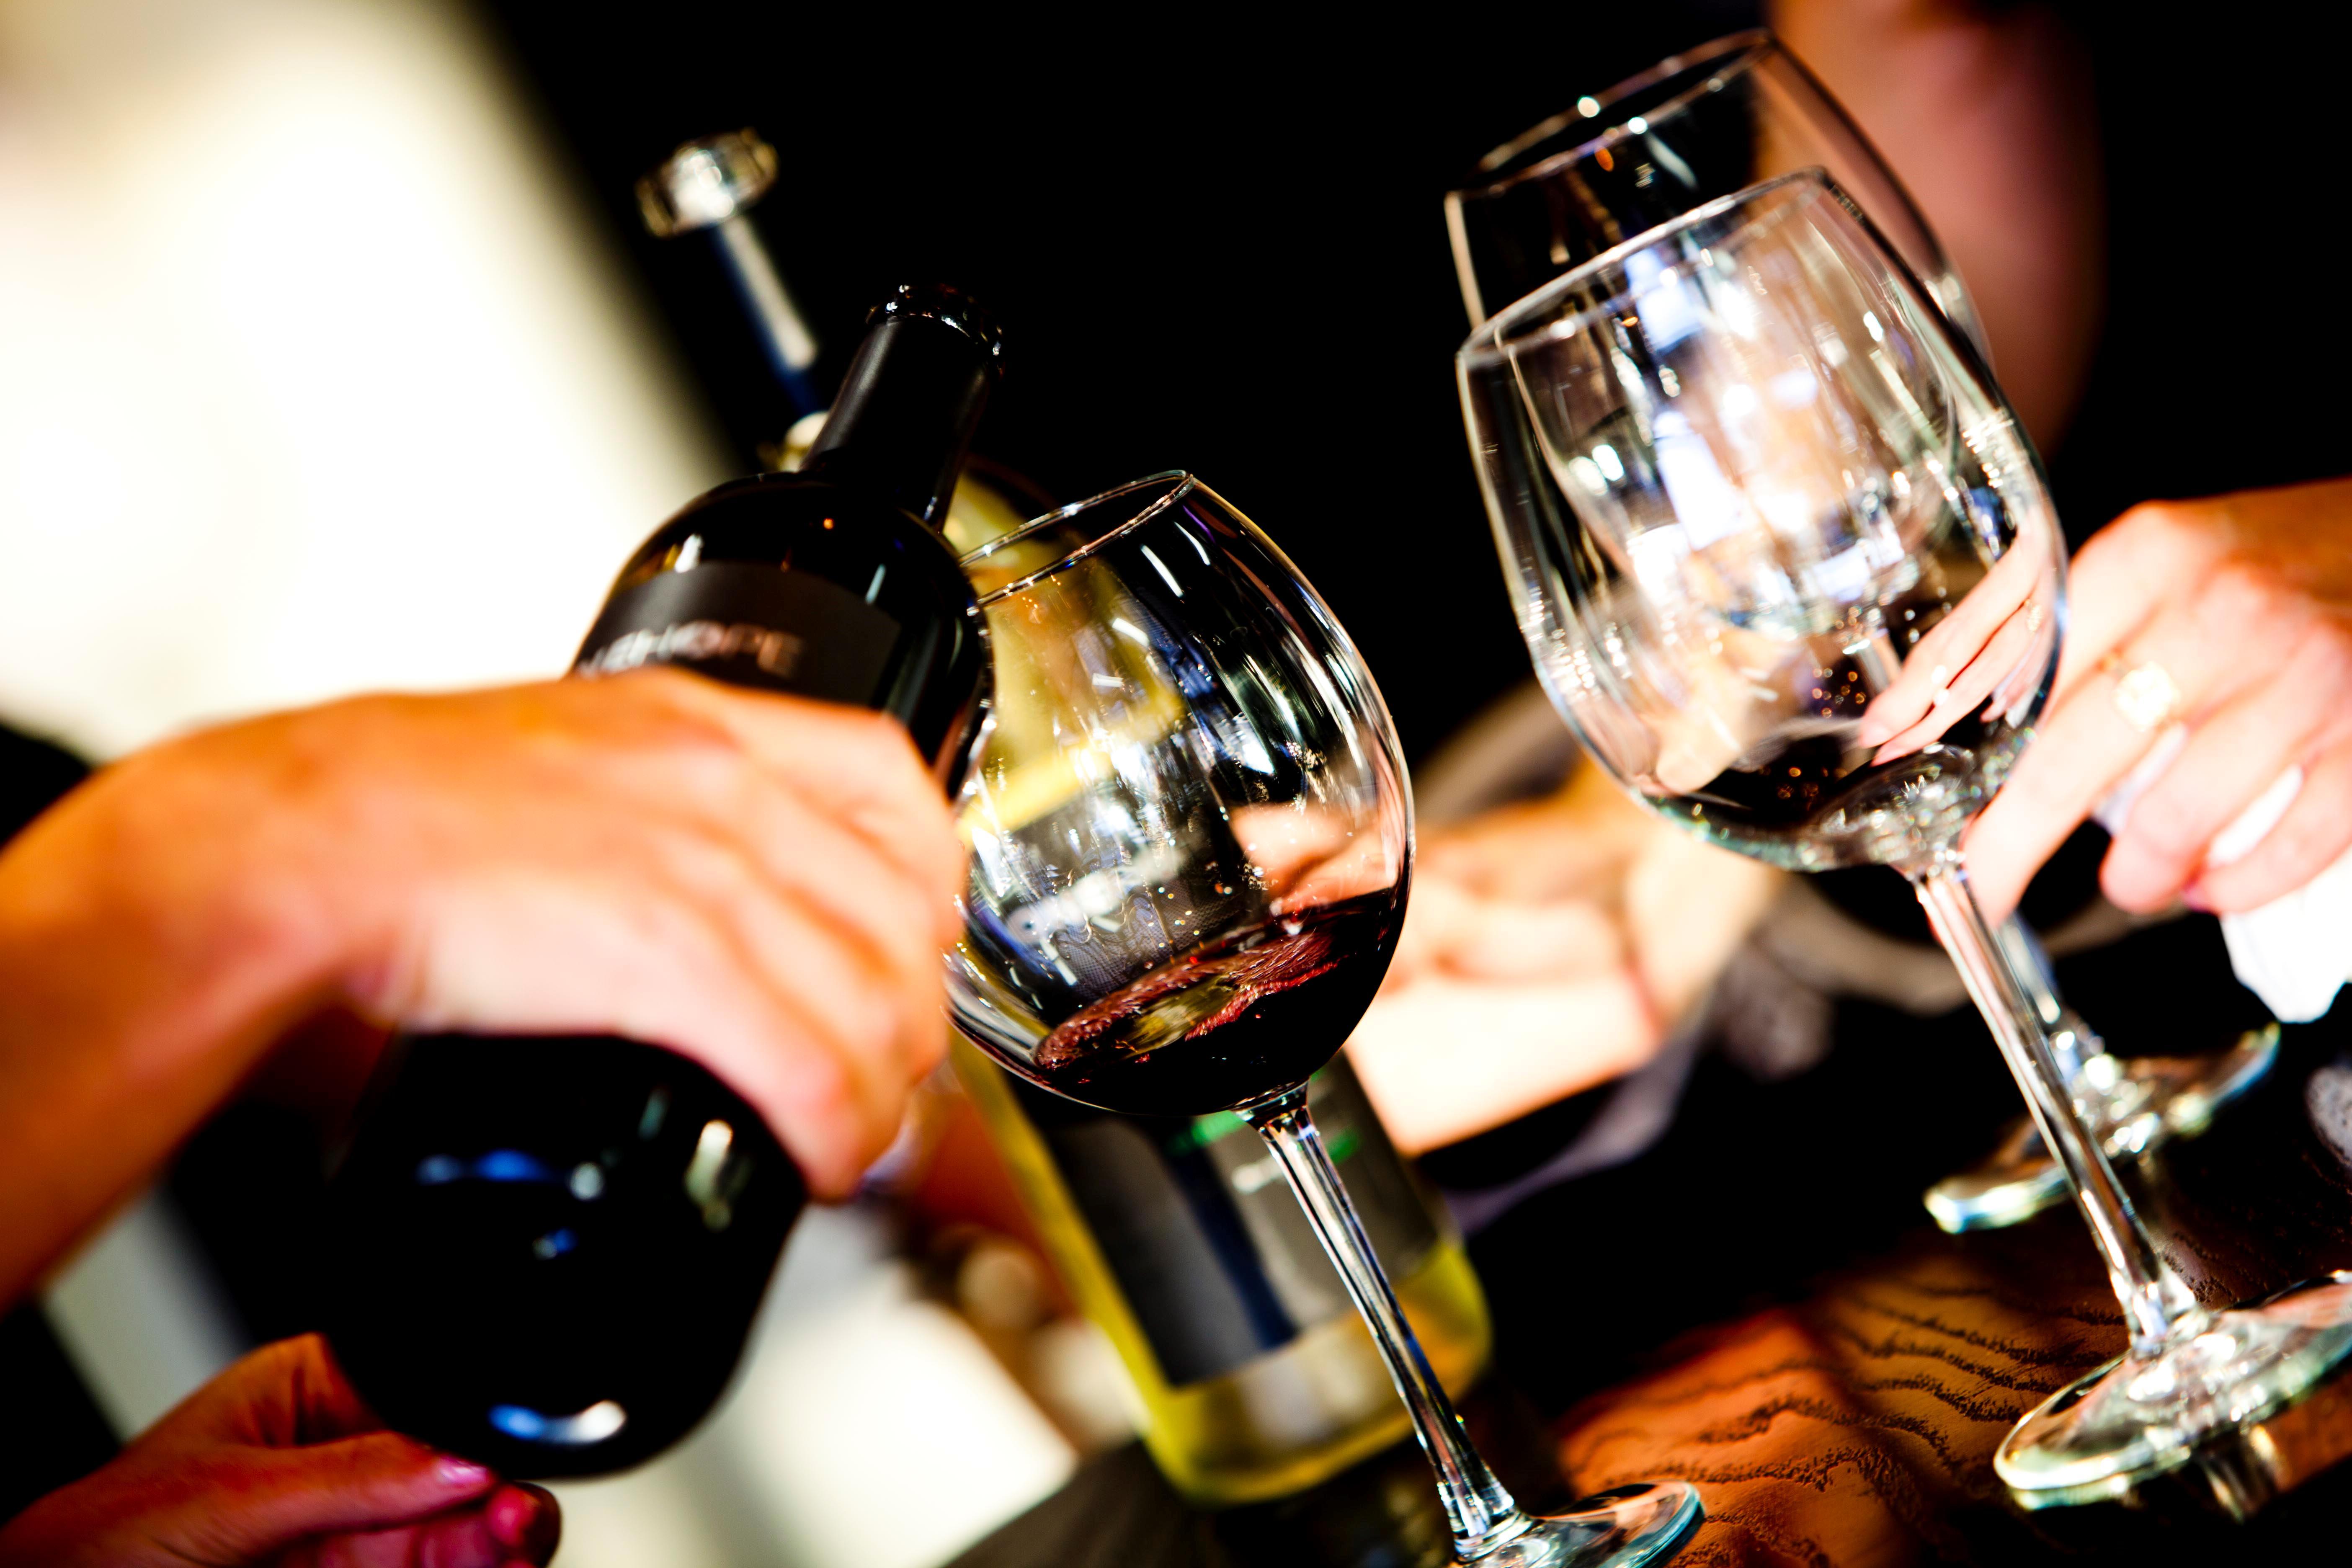 Visita guiada por Pisa y degustación de vinos